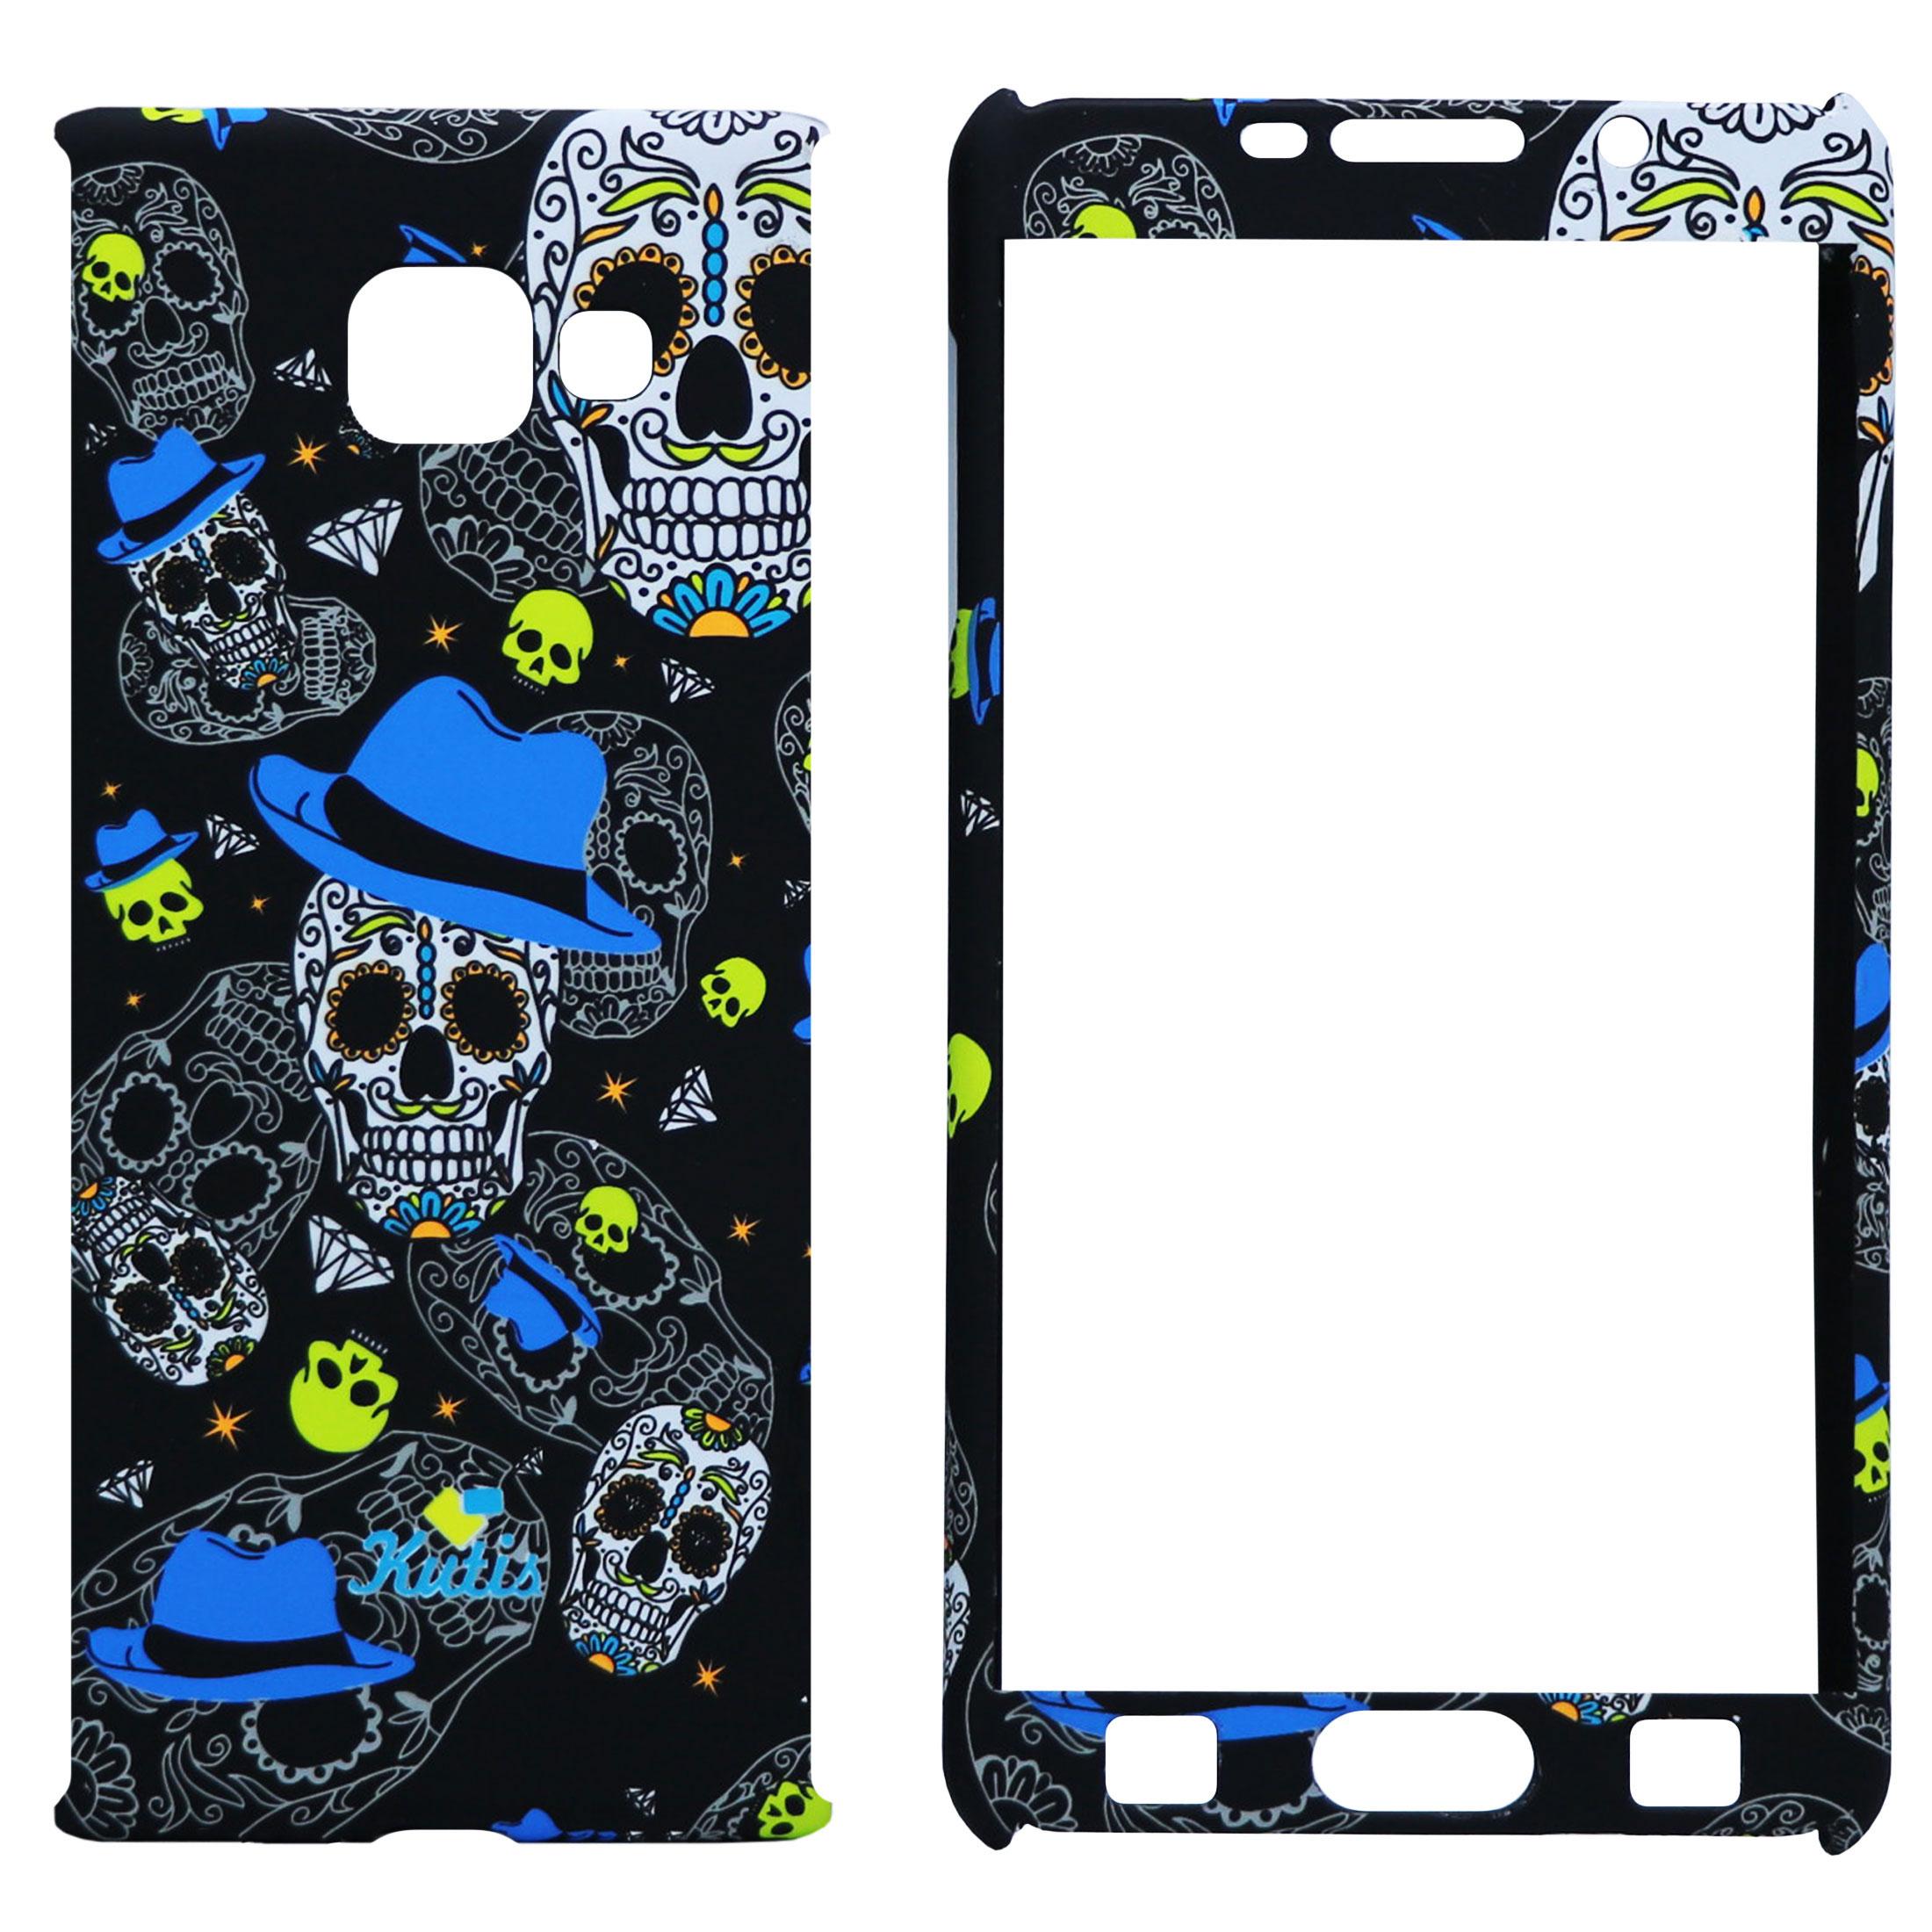 کاور 360 درجه مدل KTS-01 مناسب برای گوشی موبایل سامسونگ Galaxy A510 / A5 2016                      غیر اصل